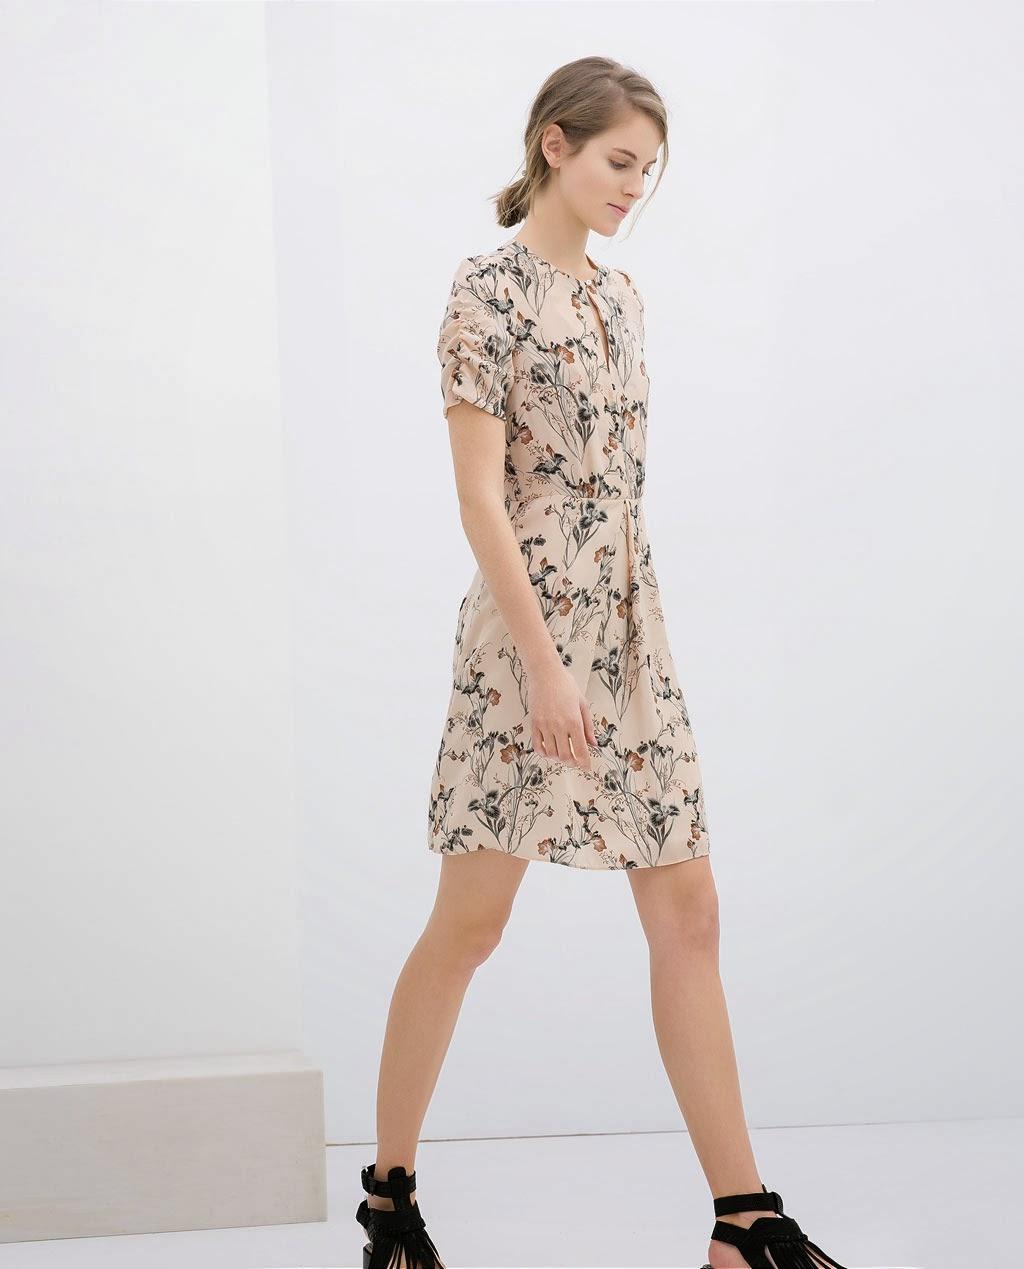 çiçekli elbise, kısa elbise, krem elbise